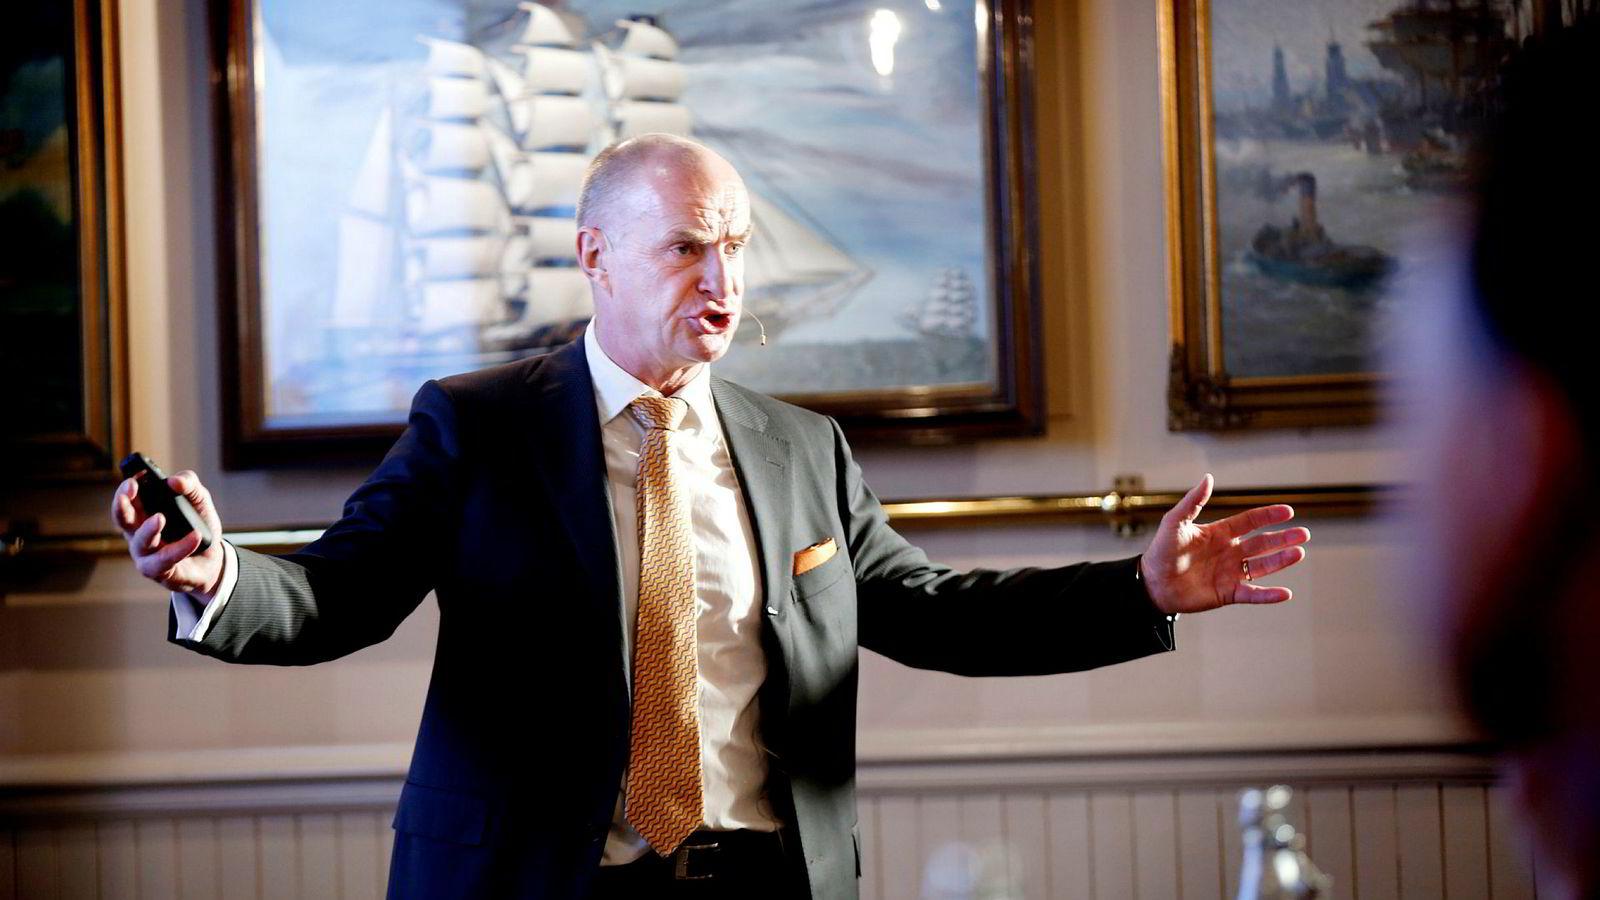 Administrerende direktør Sverre Bjerkeli i Protector Forsikring.